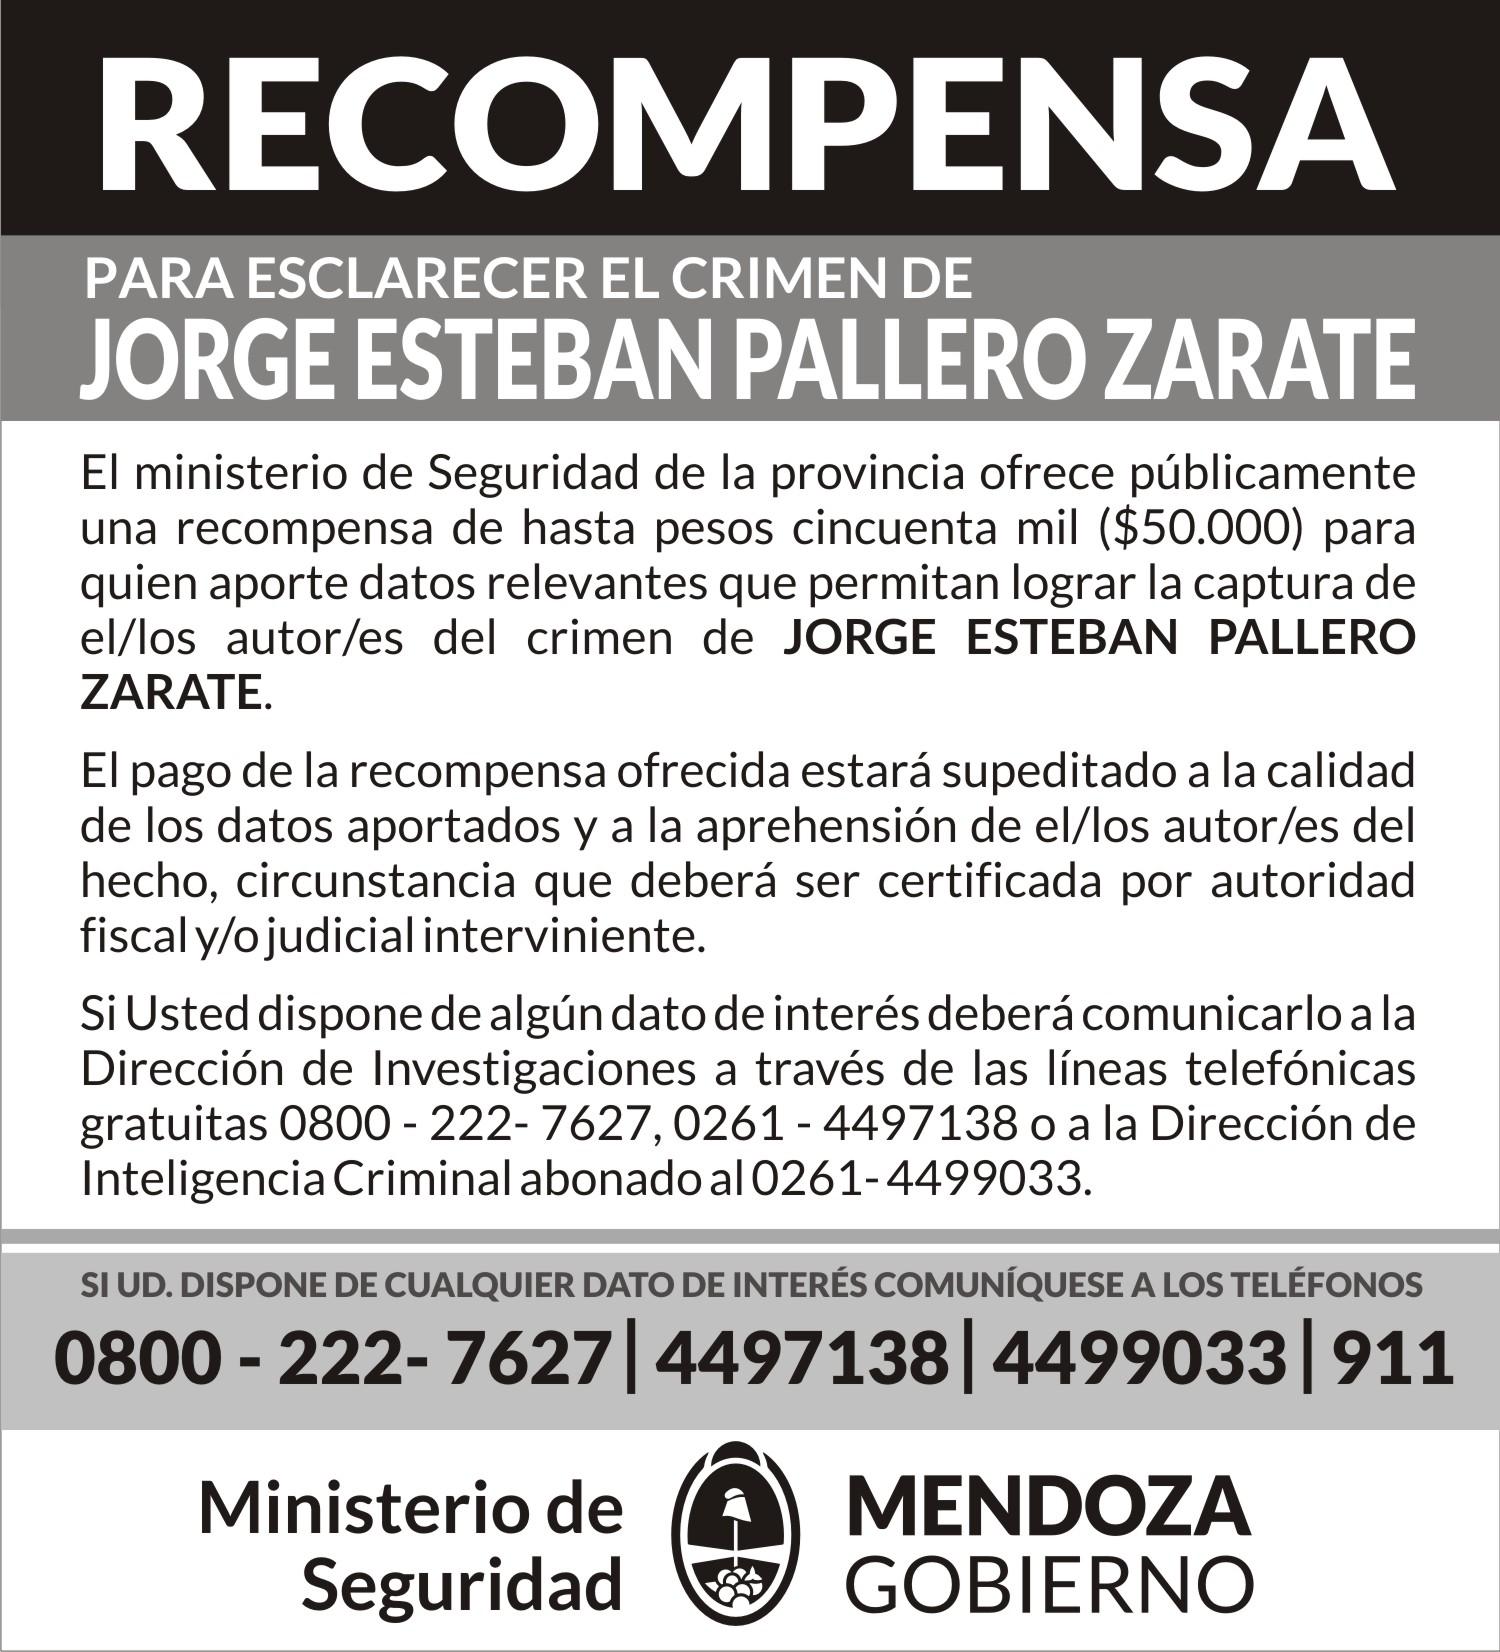 recompensa_PALLERO_LOS_ANDES_3x4